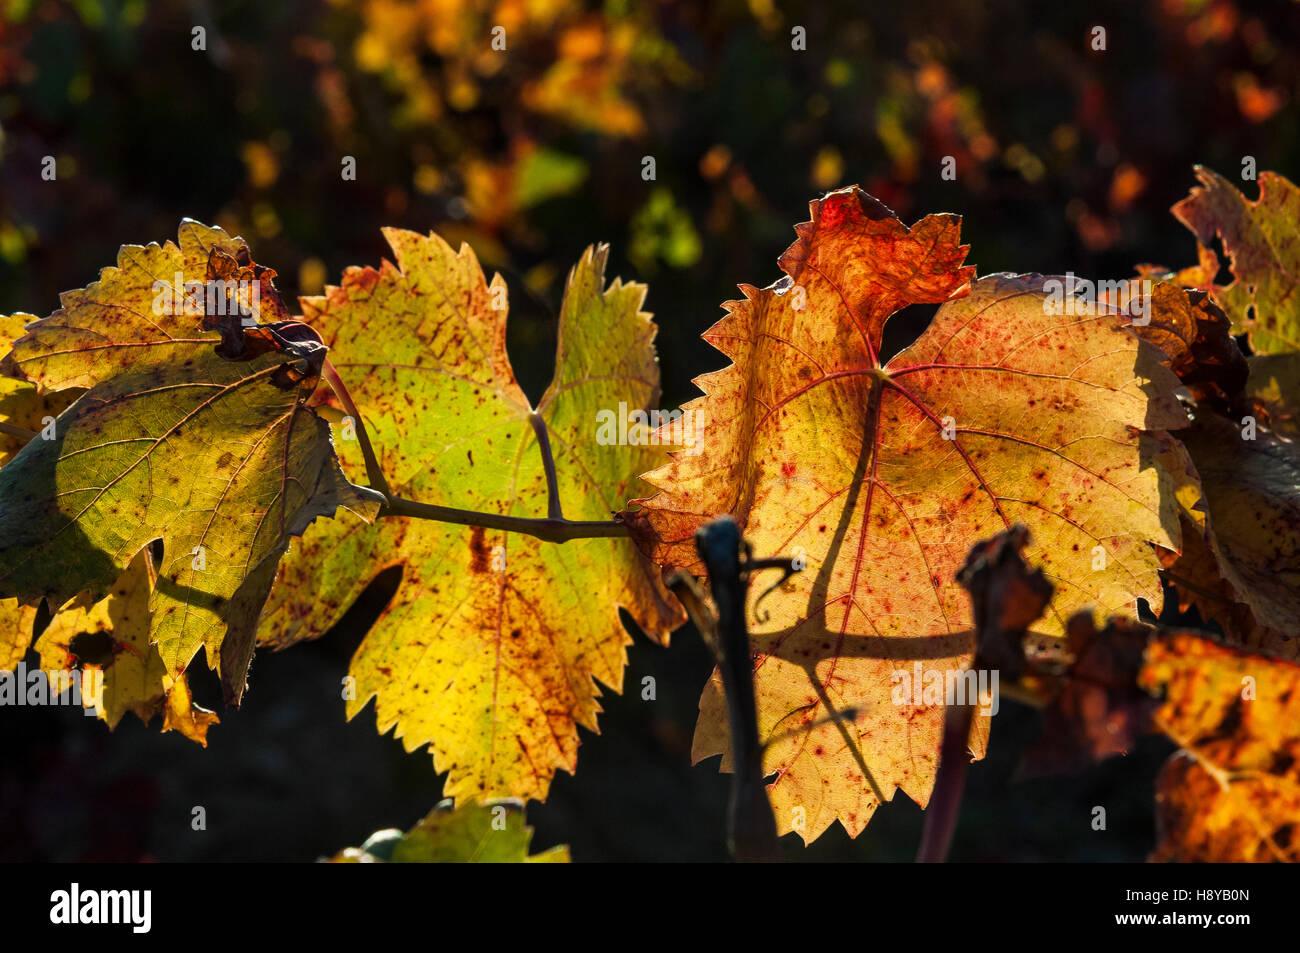 Feuille de vigne en Automne Provence France - Stock Image